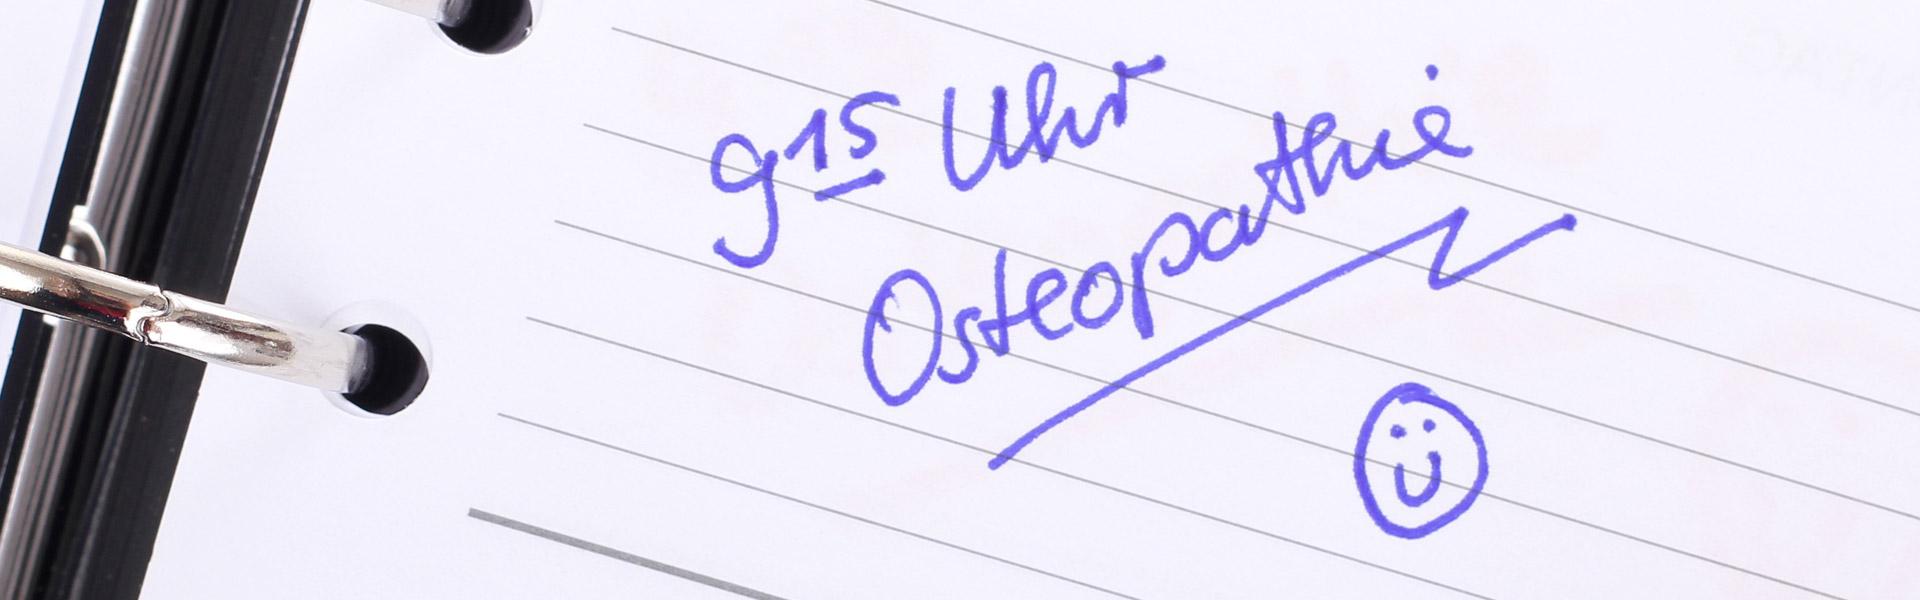 Praxis Fuchs Rottweil Physiotherapie Osteopathie Terminvereinbarung Termin vereinbaren